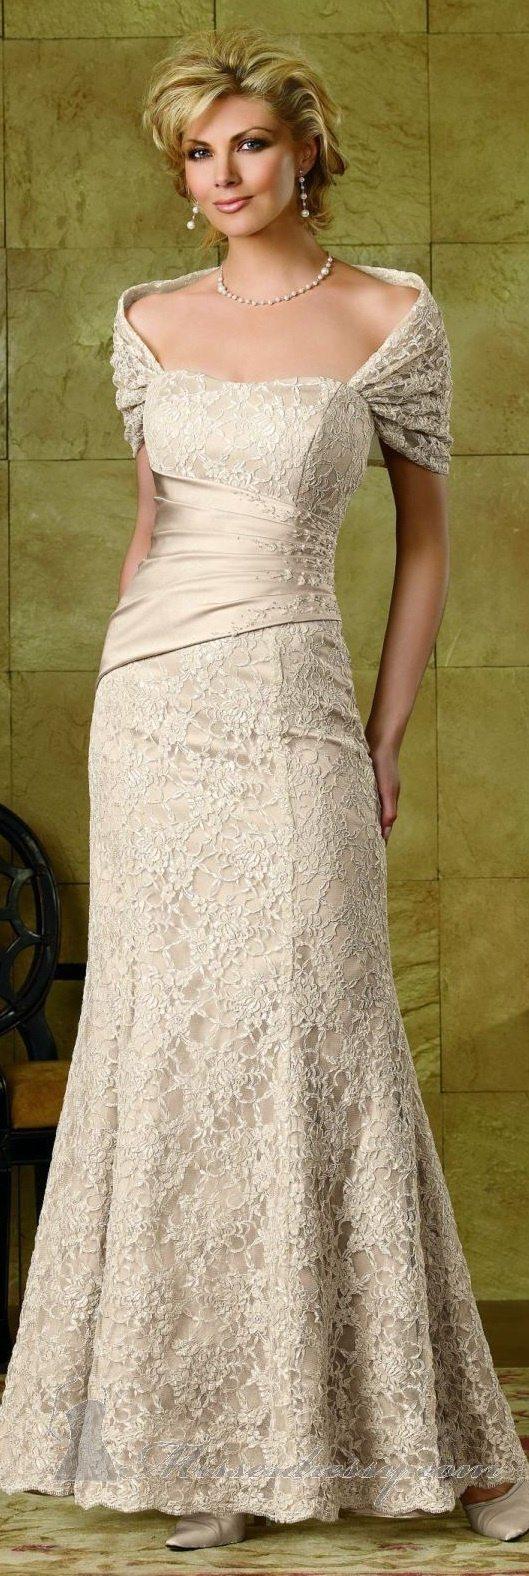 wedding dresses older brides